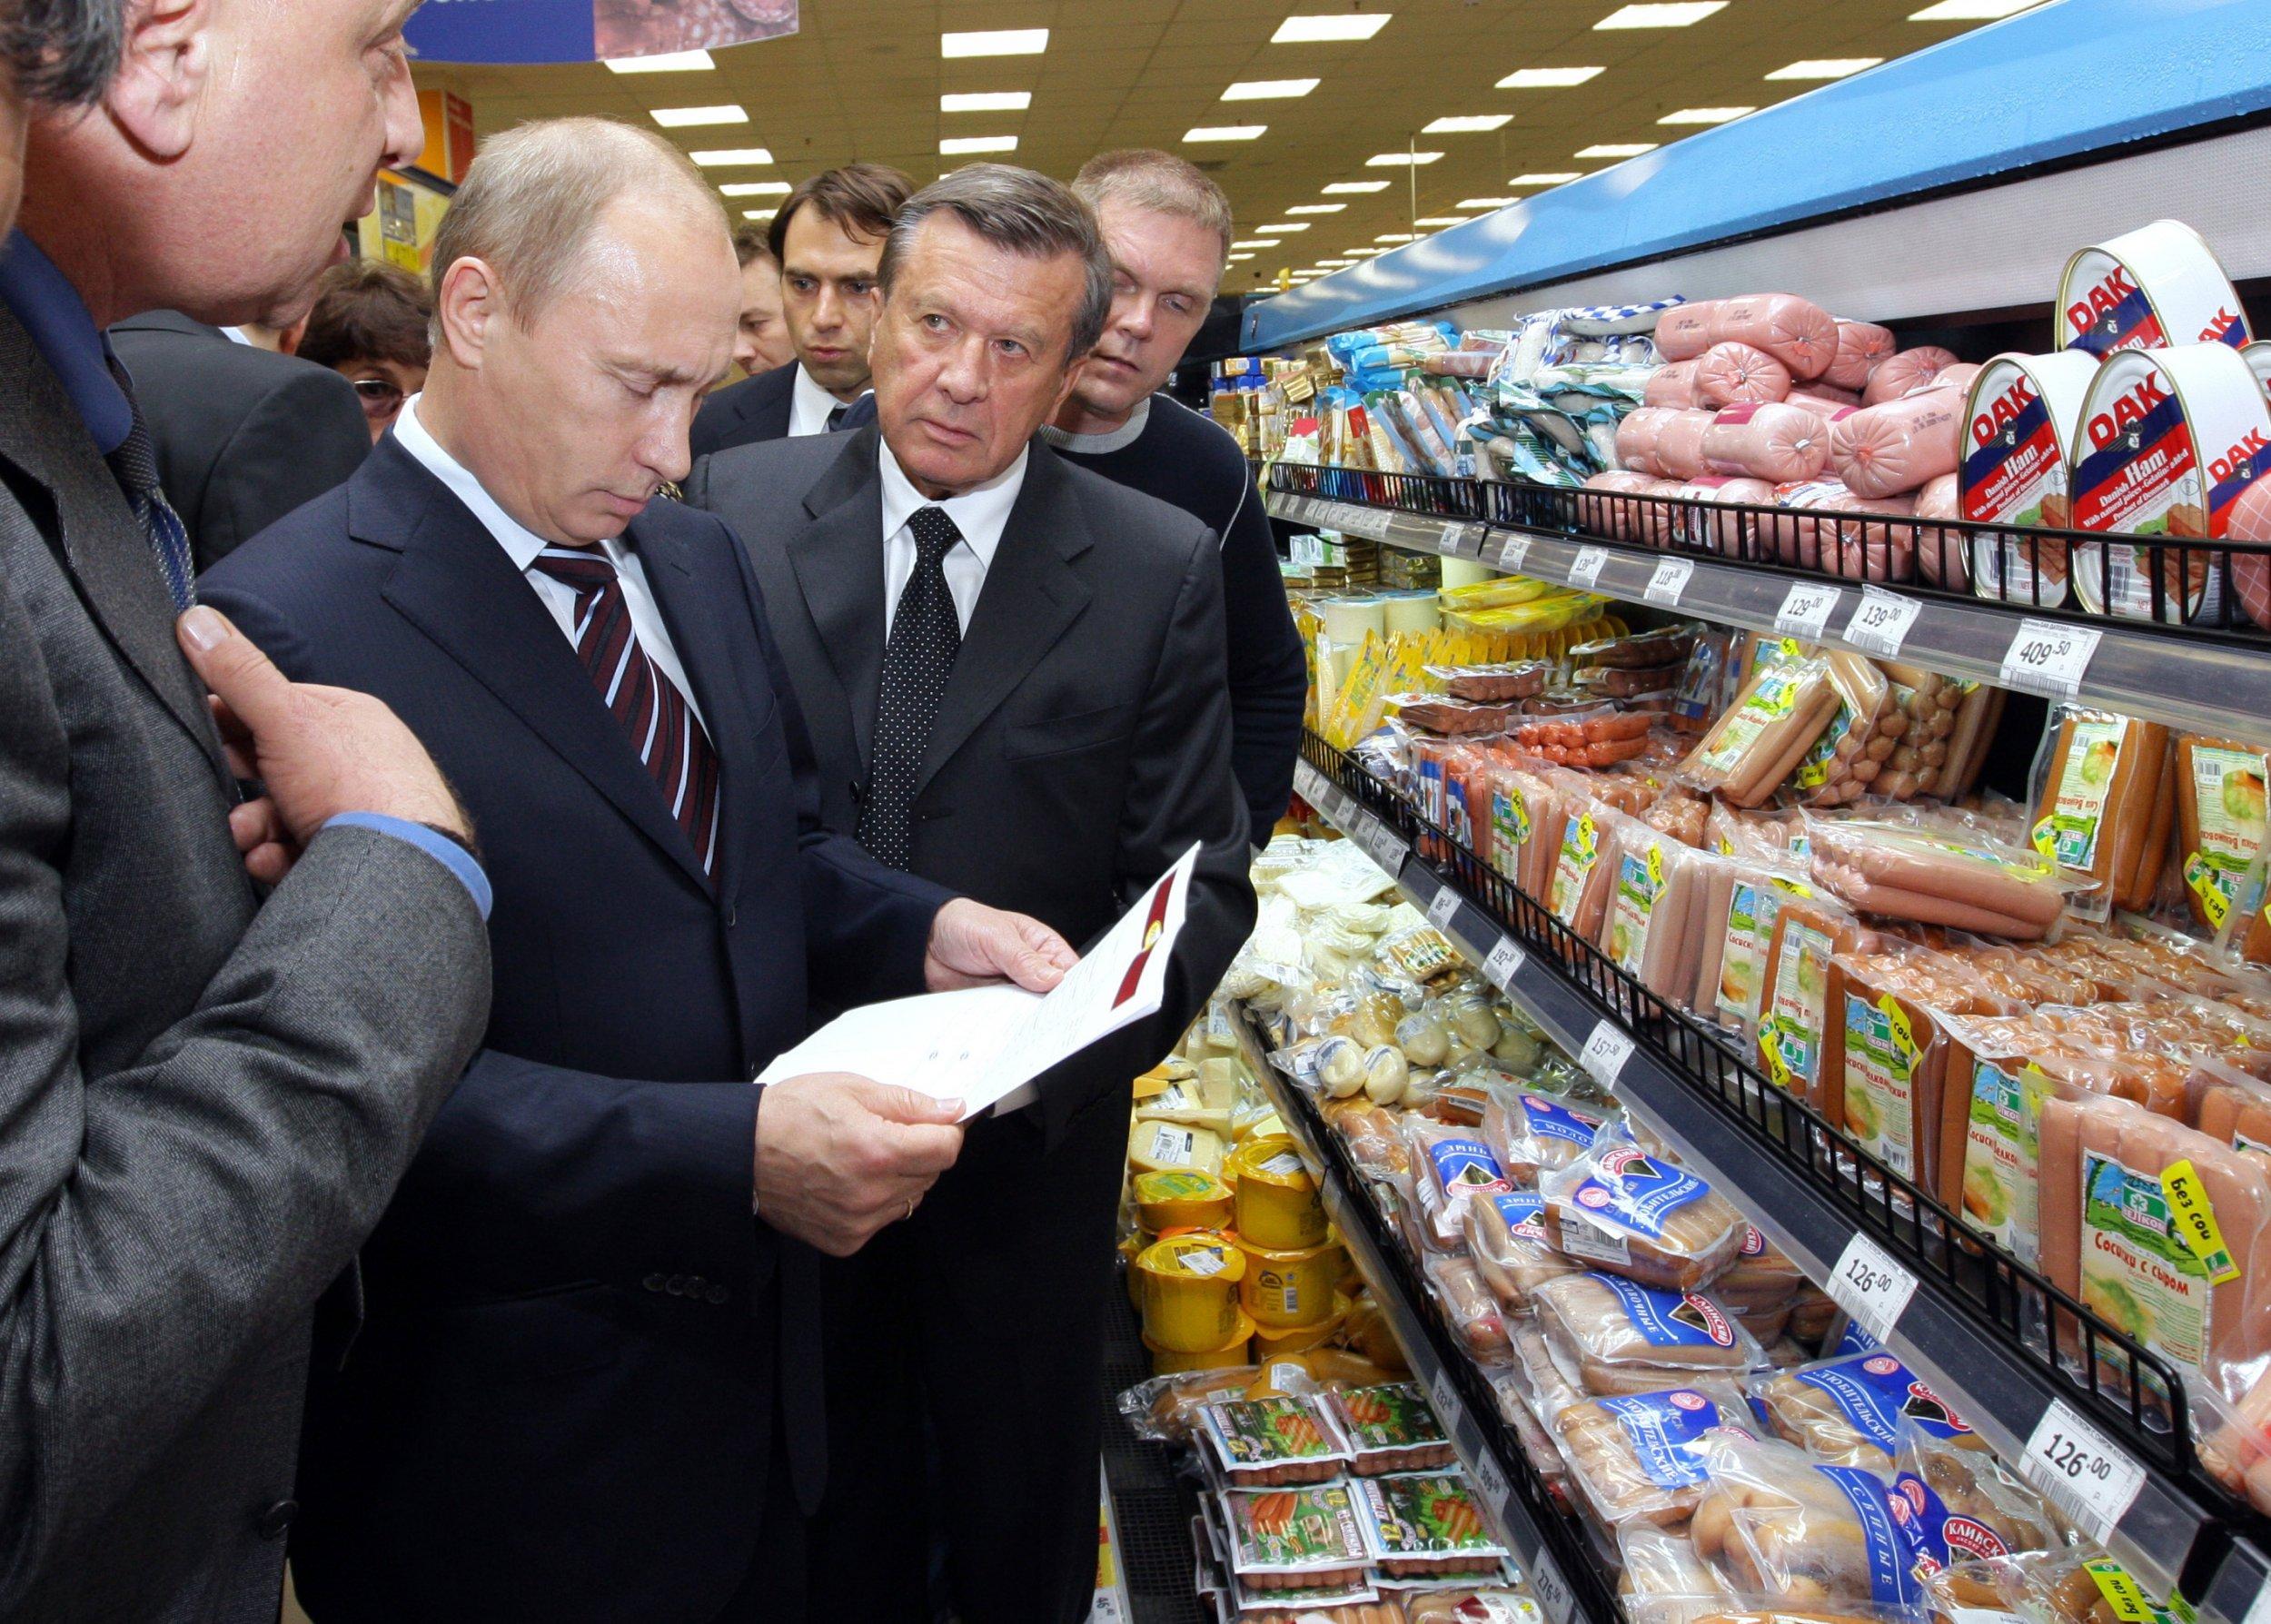 Putin in the supermarket